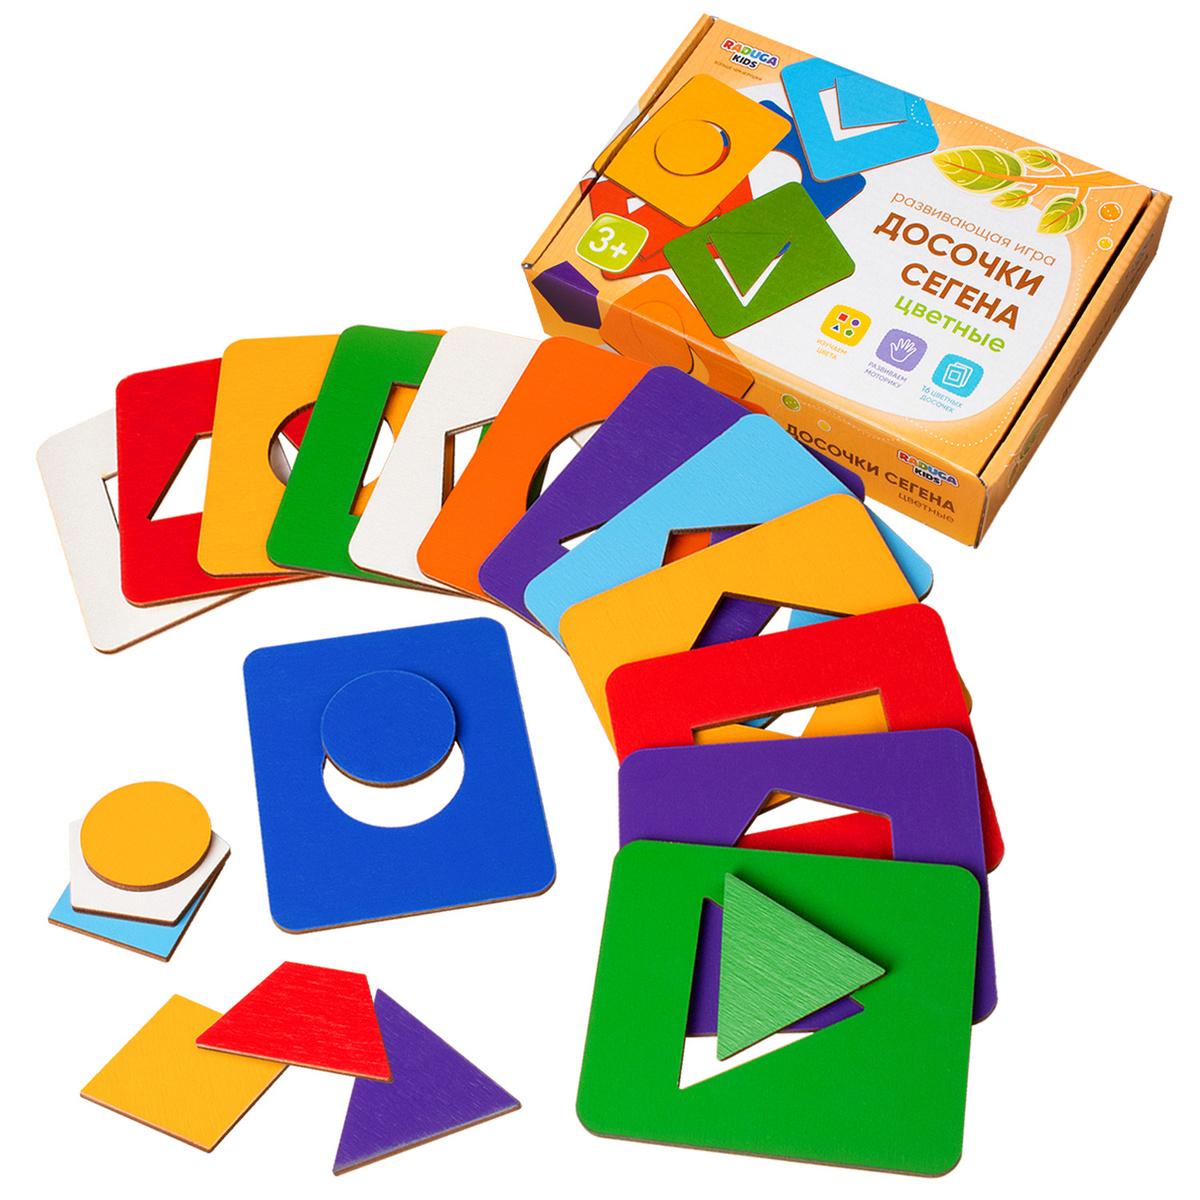 Развивающая игра Радуга Кидс, Досочки Сегена Цветные, деревянные игрушки монтессори геометрические фигуры, #1